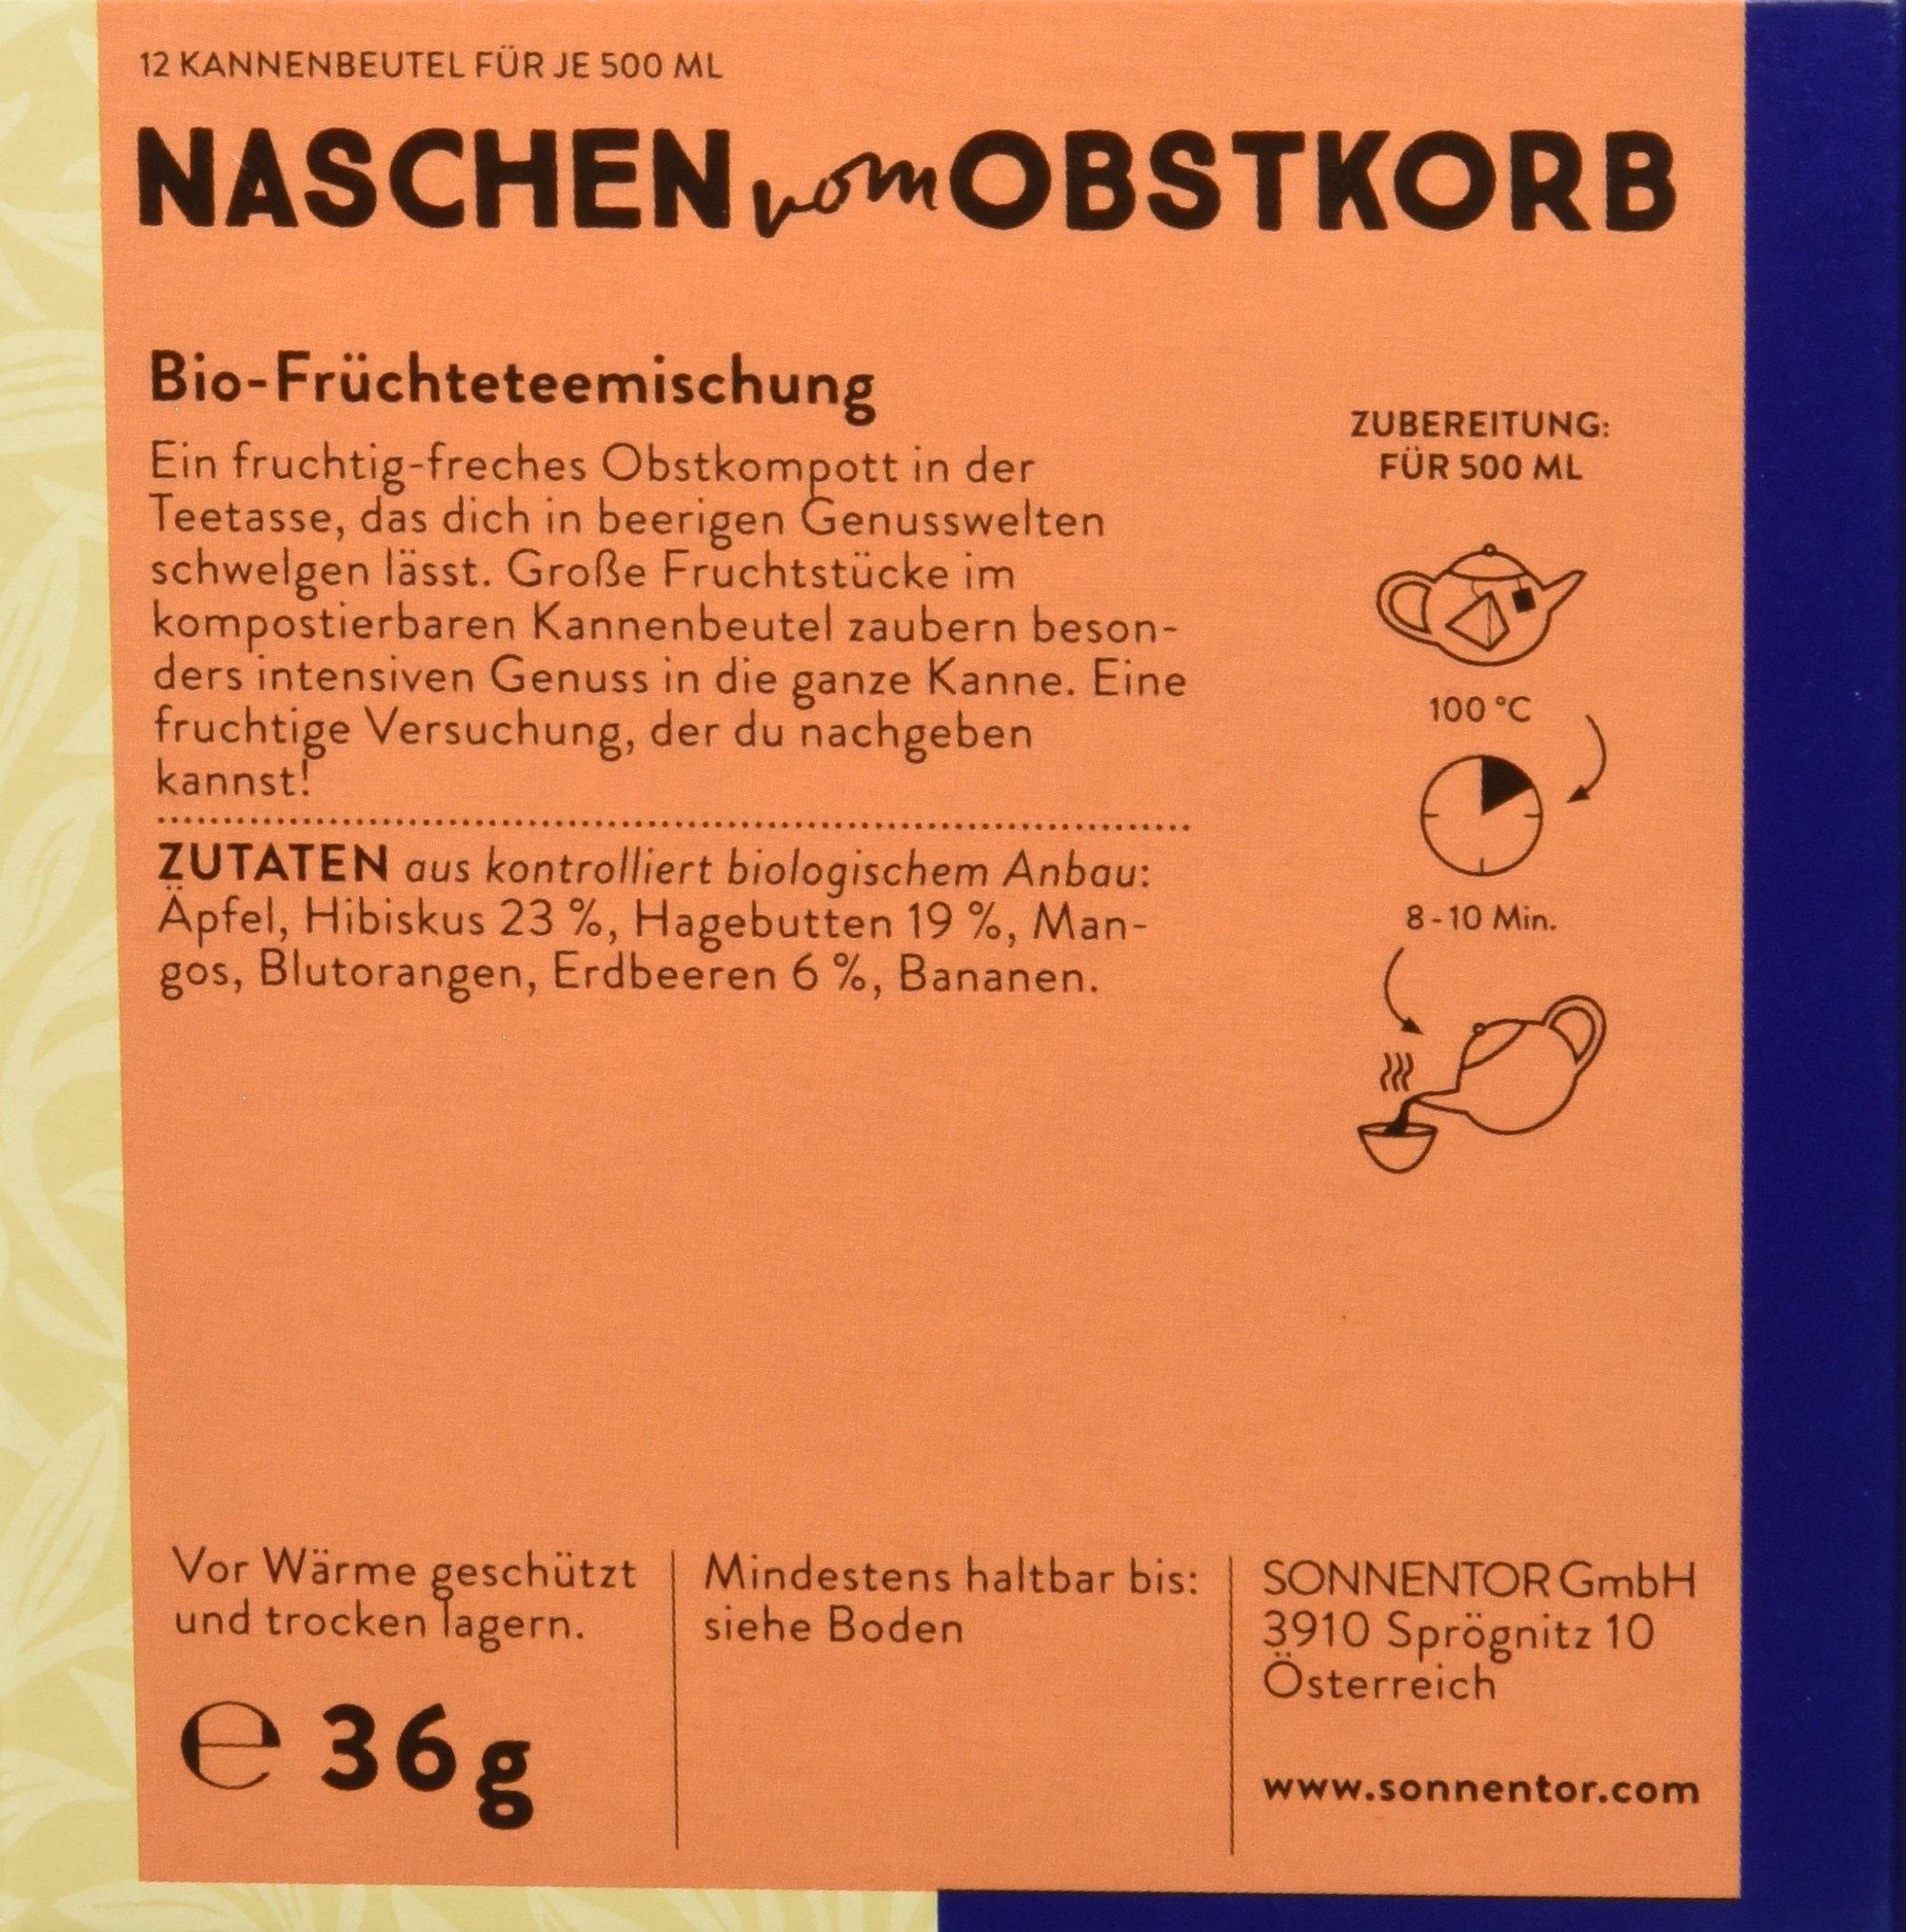 Sonnentor-Naschen-vom-Obstkorb-Bio-Tee-Kannenbeutel-36-g